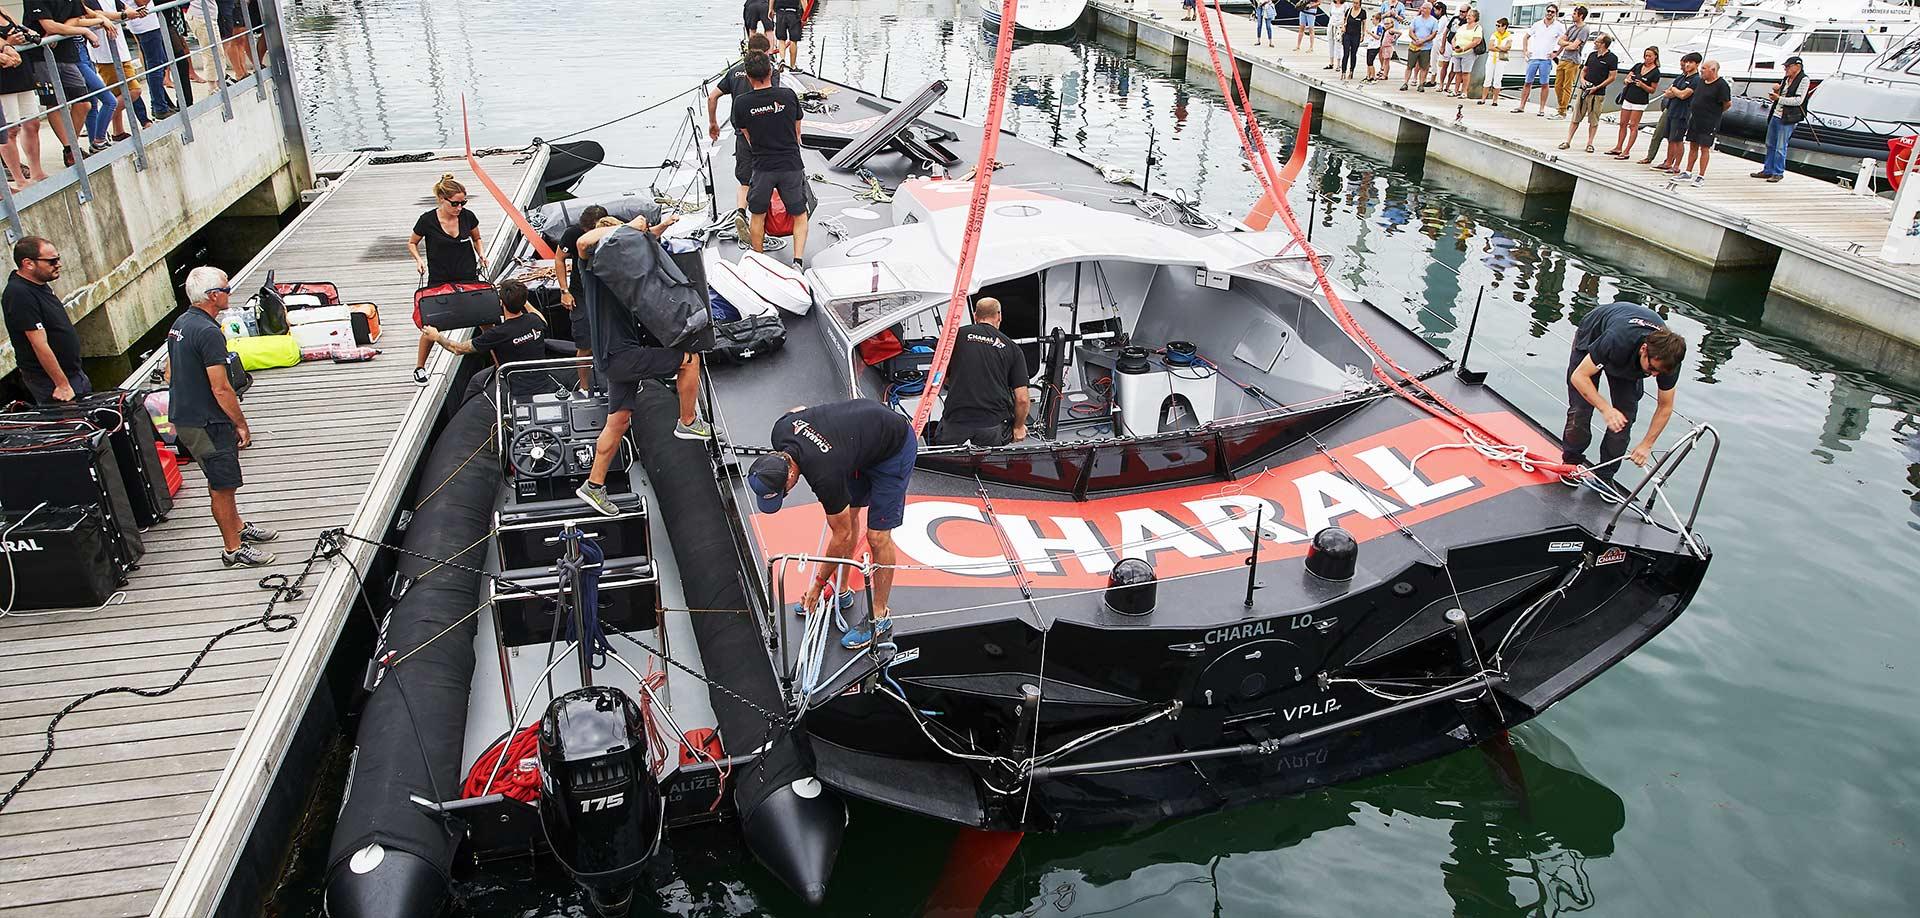 08_charal-60-imoca-vendee-globe.jpg